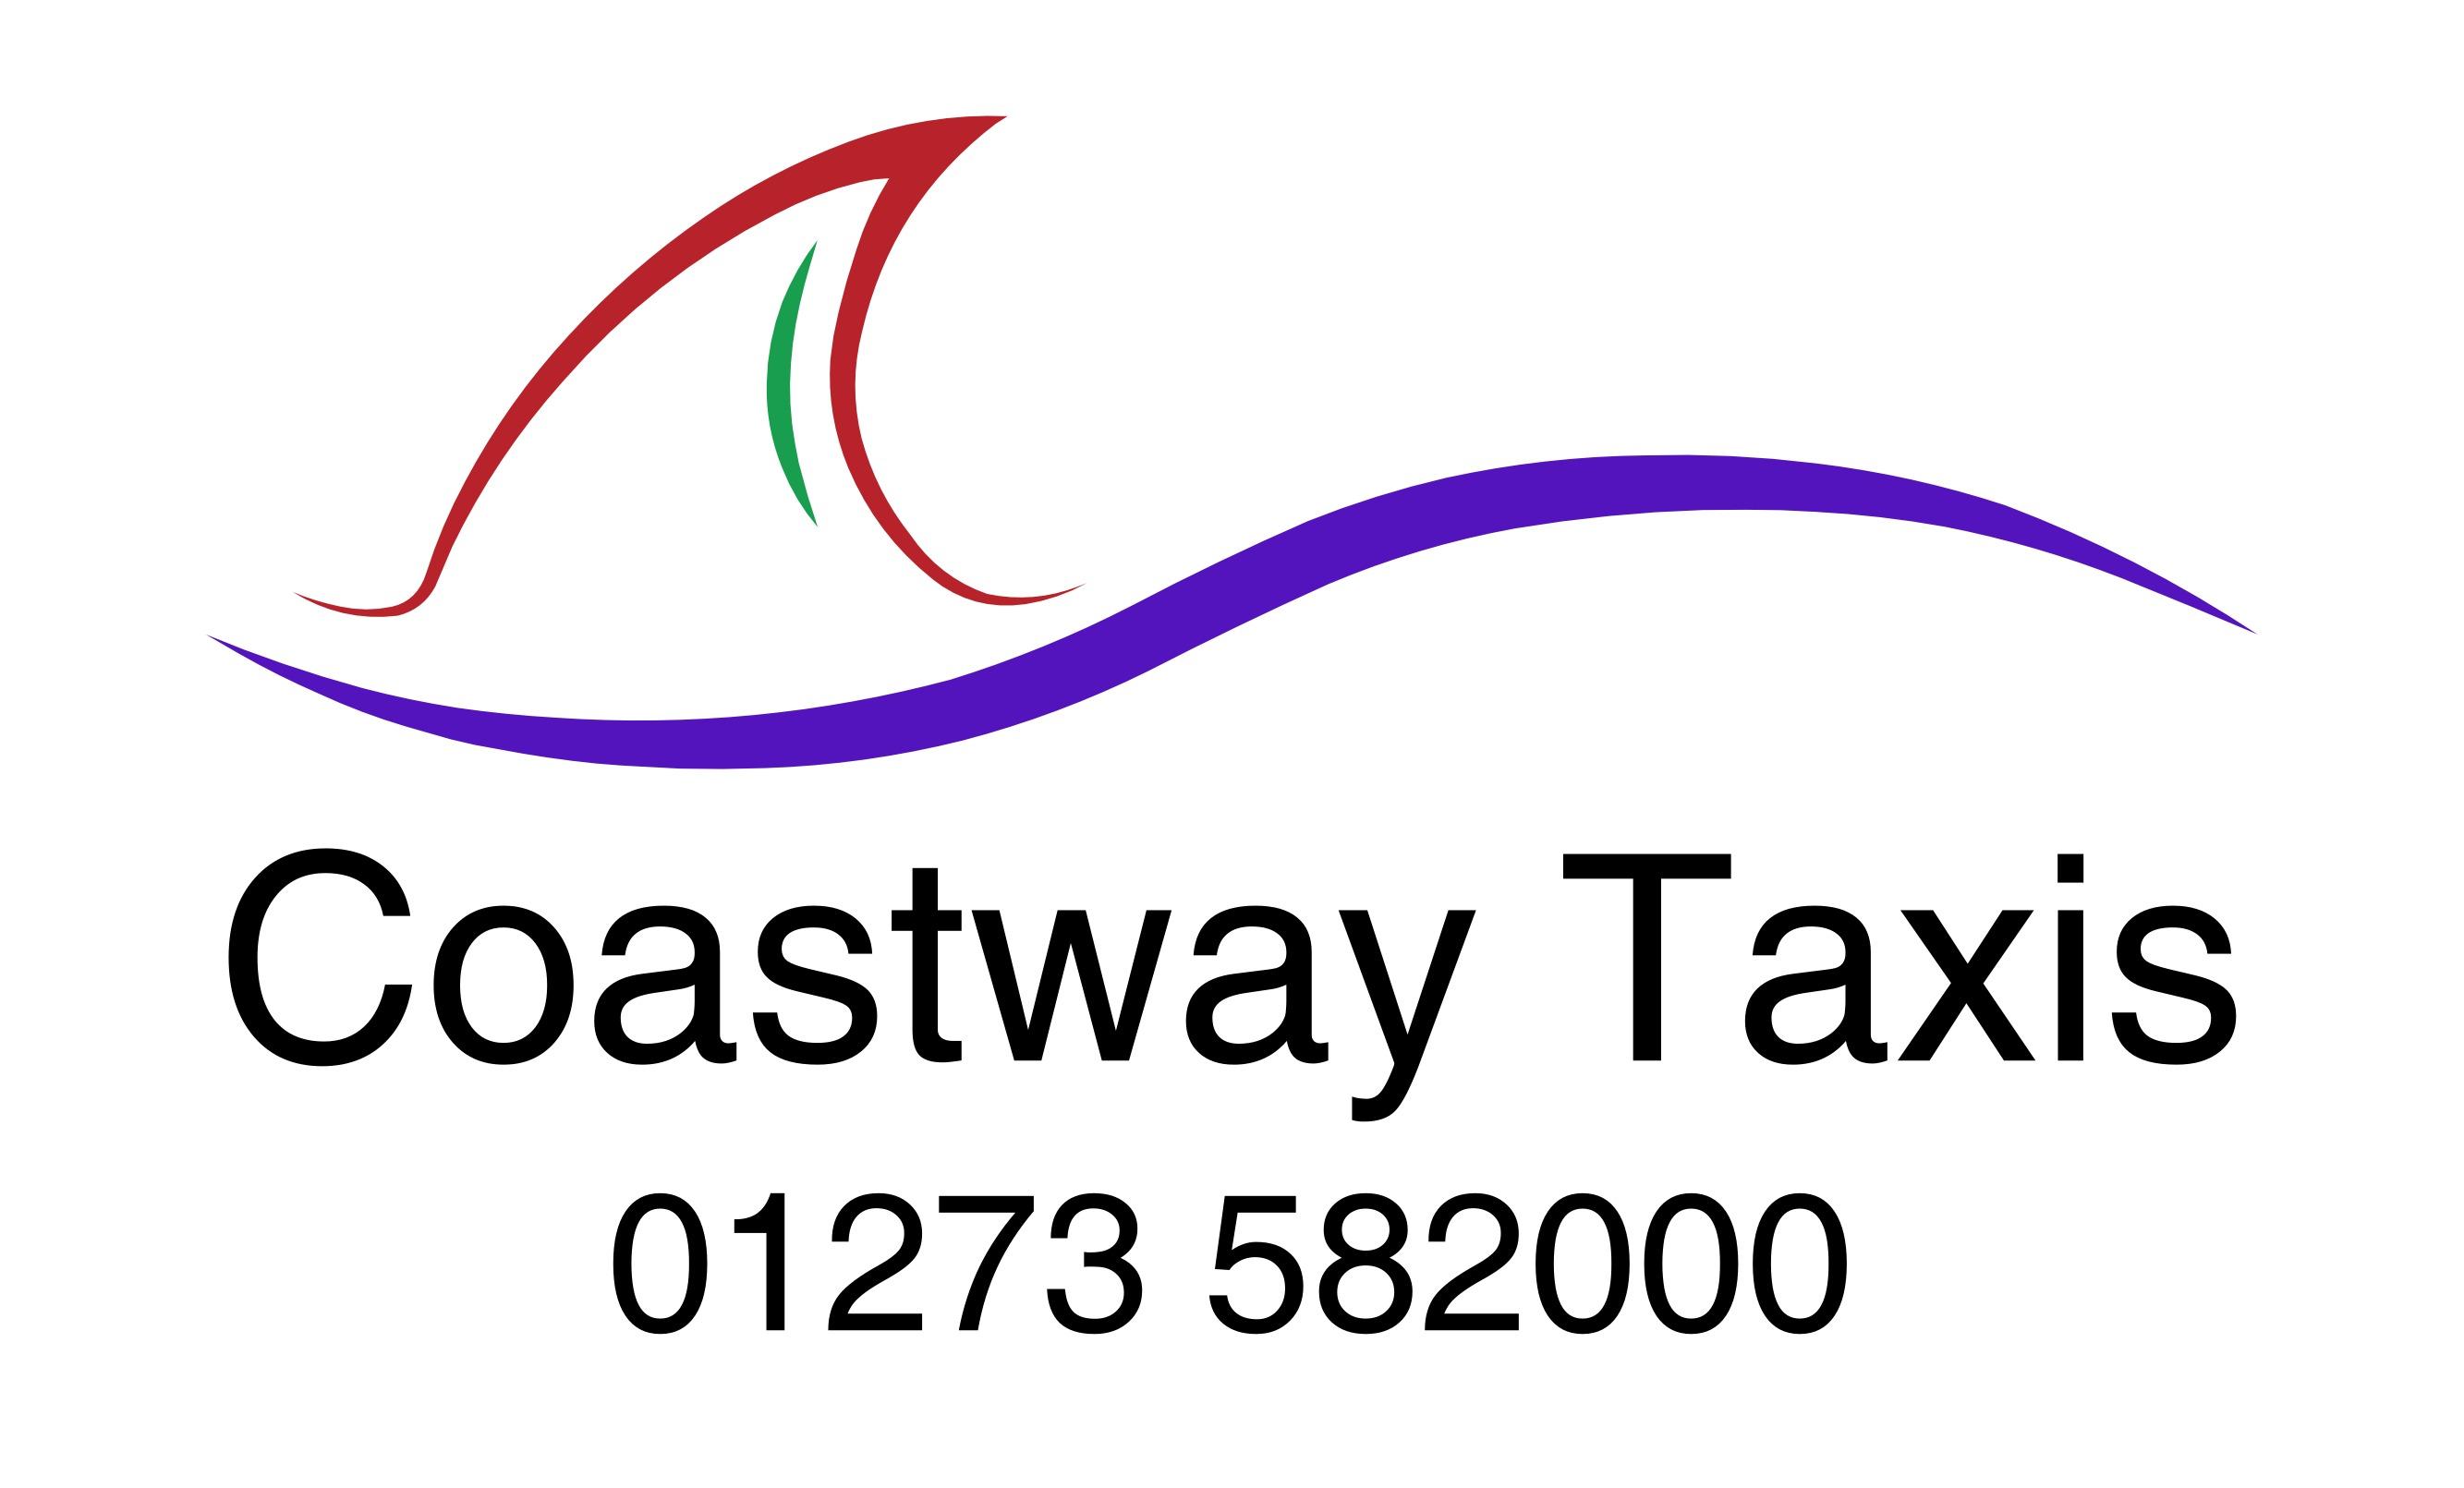 Coastway Taxis